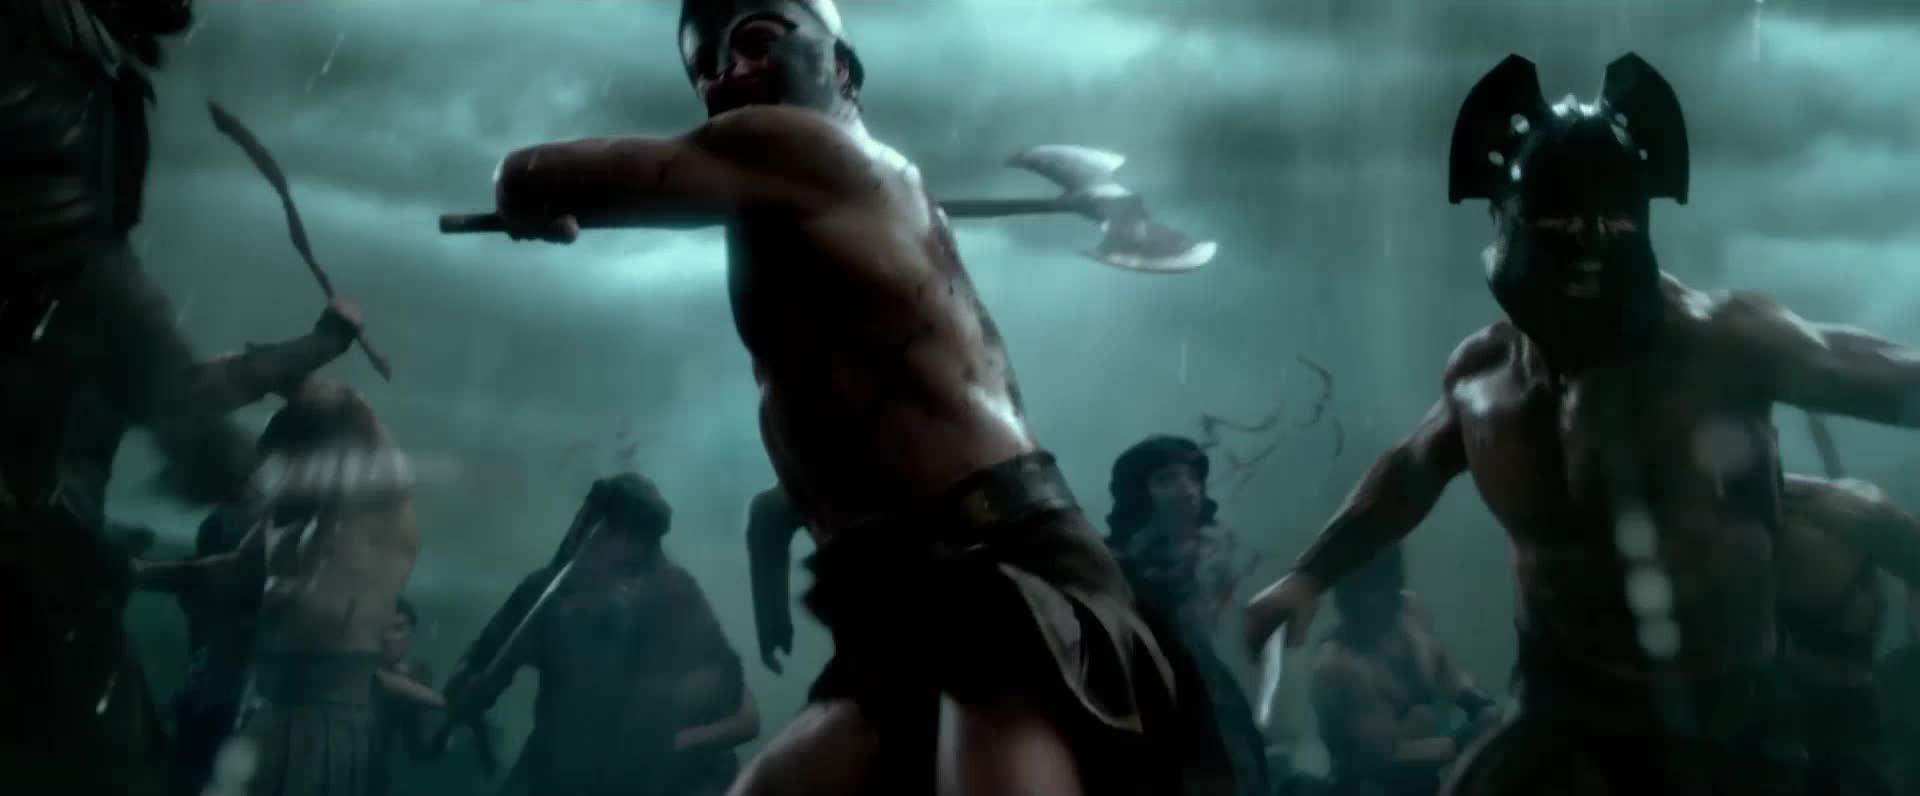 Фильм 300 спартанцев 2: расцвет империи (2014) смотреть онлайн